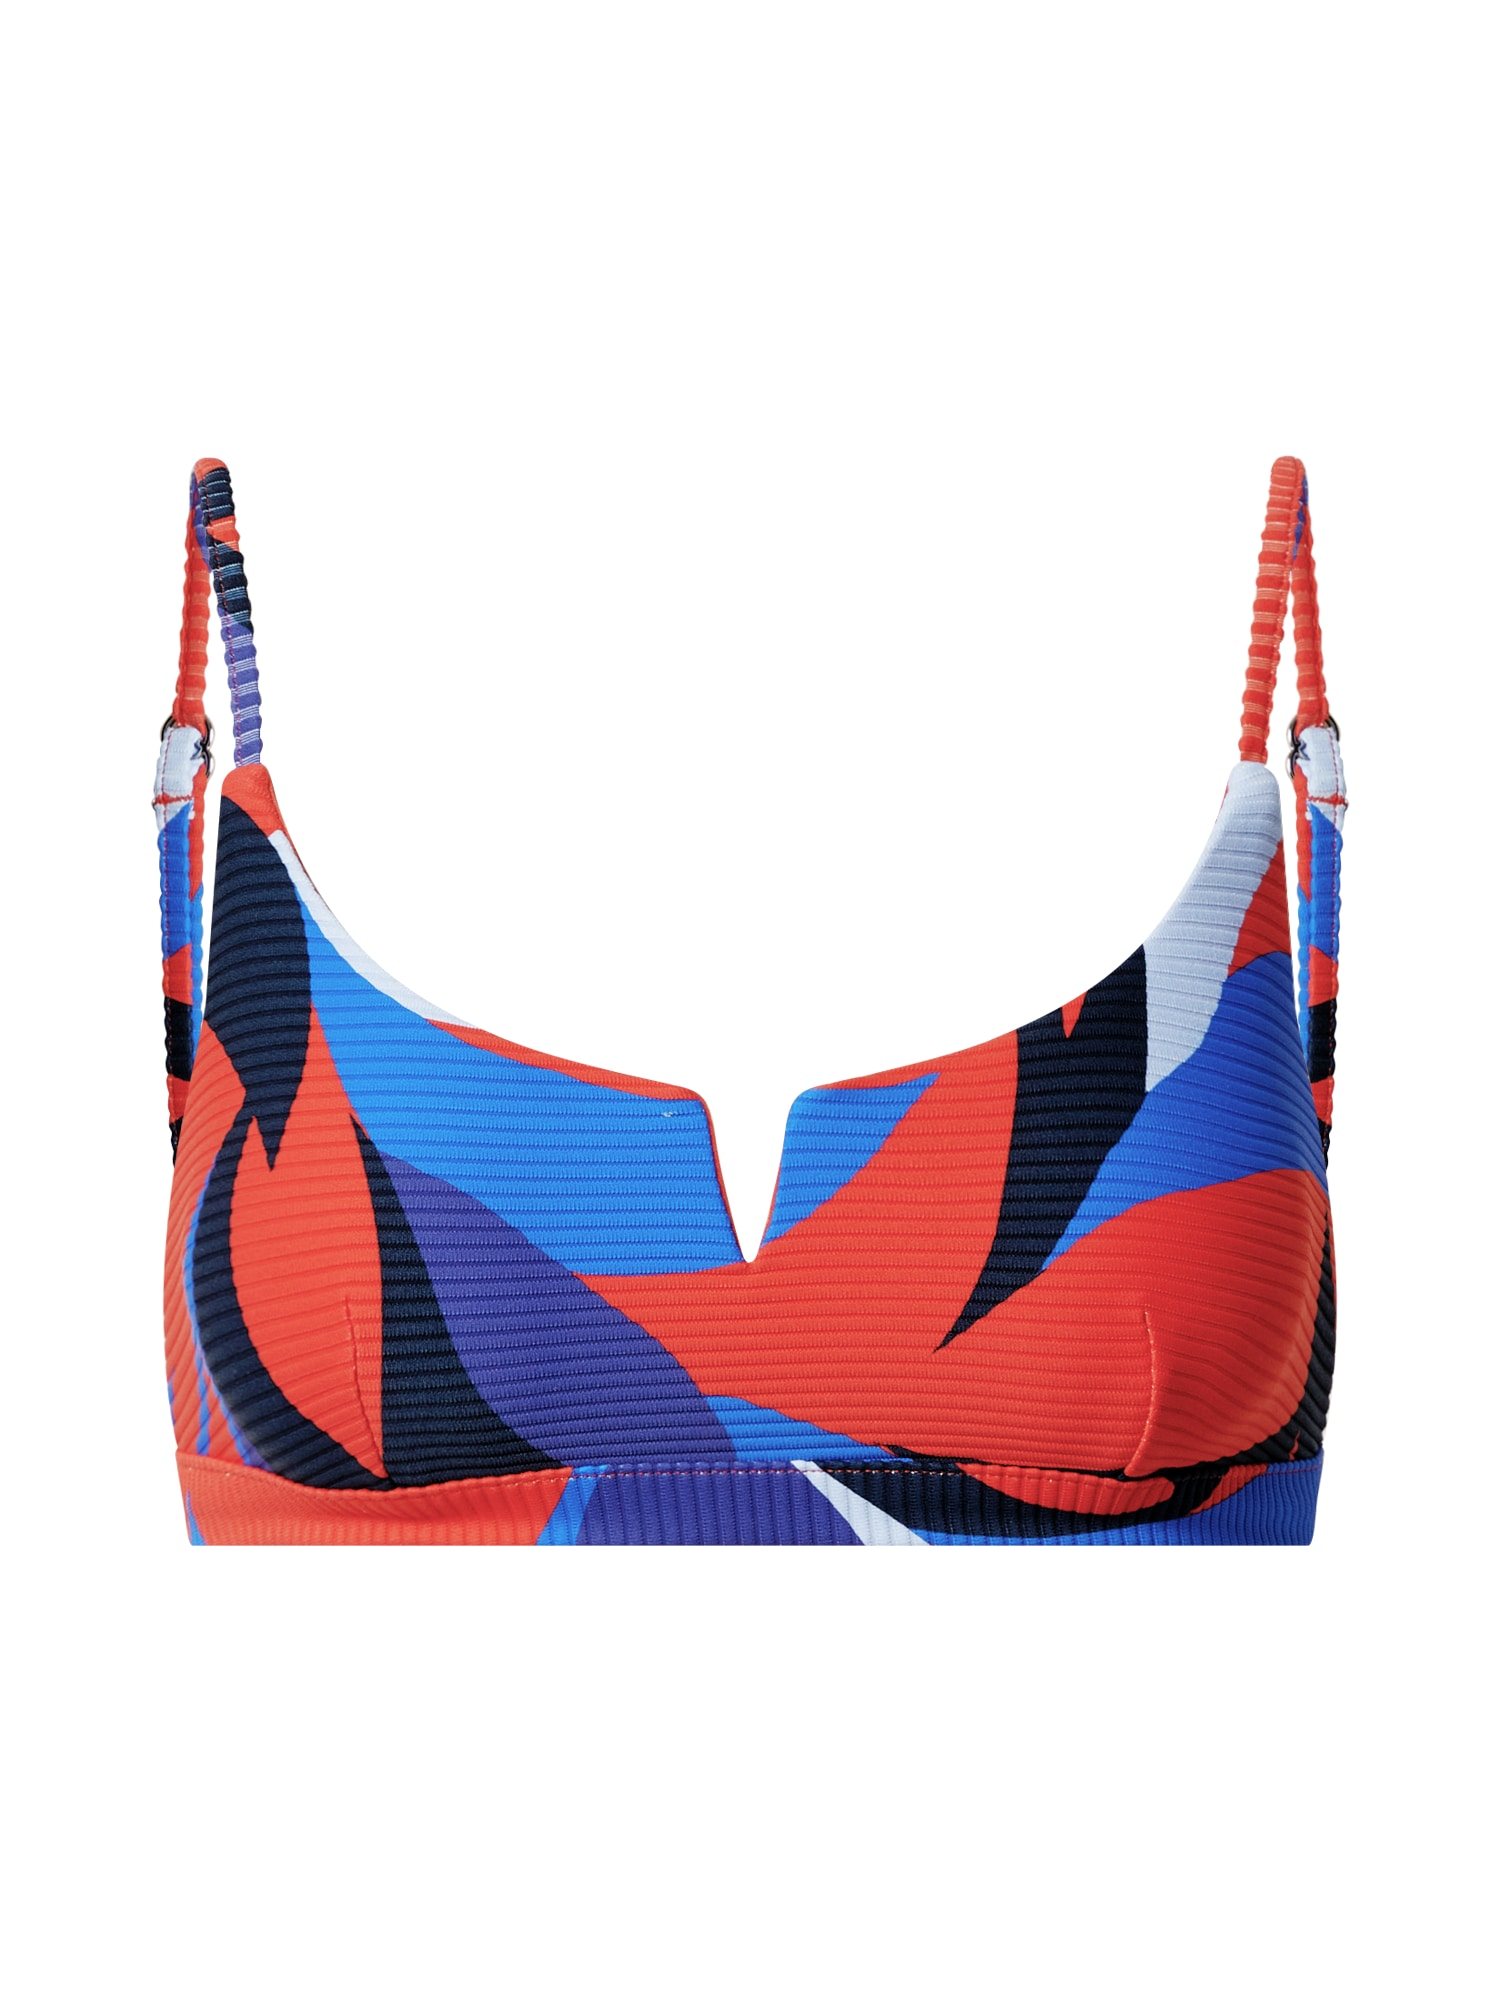 Seafolly Bikinio viršutinė dalis šviesiai mėlyna / tamsiai mėlyna / tamsiai mėlyna / raudona / balta